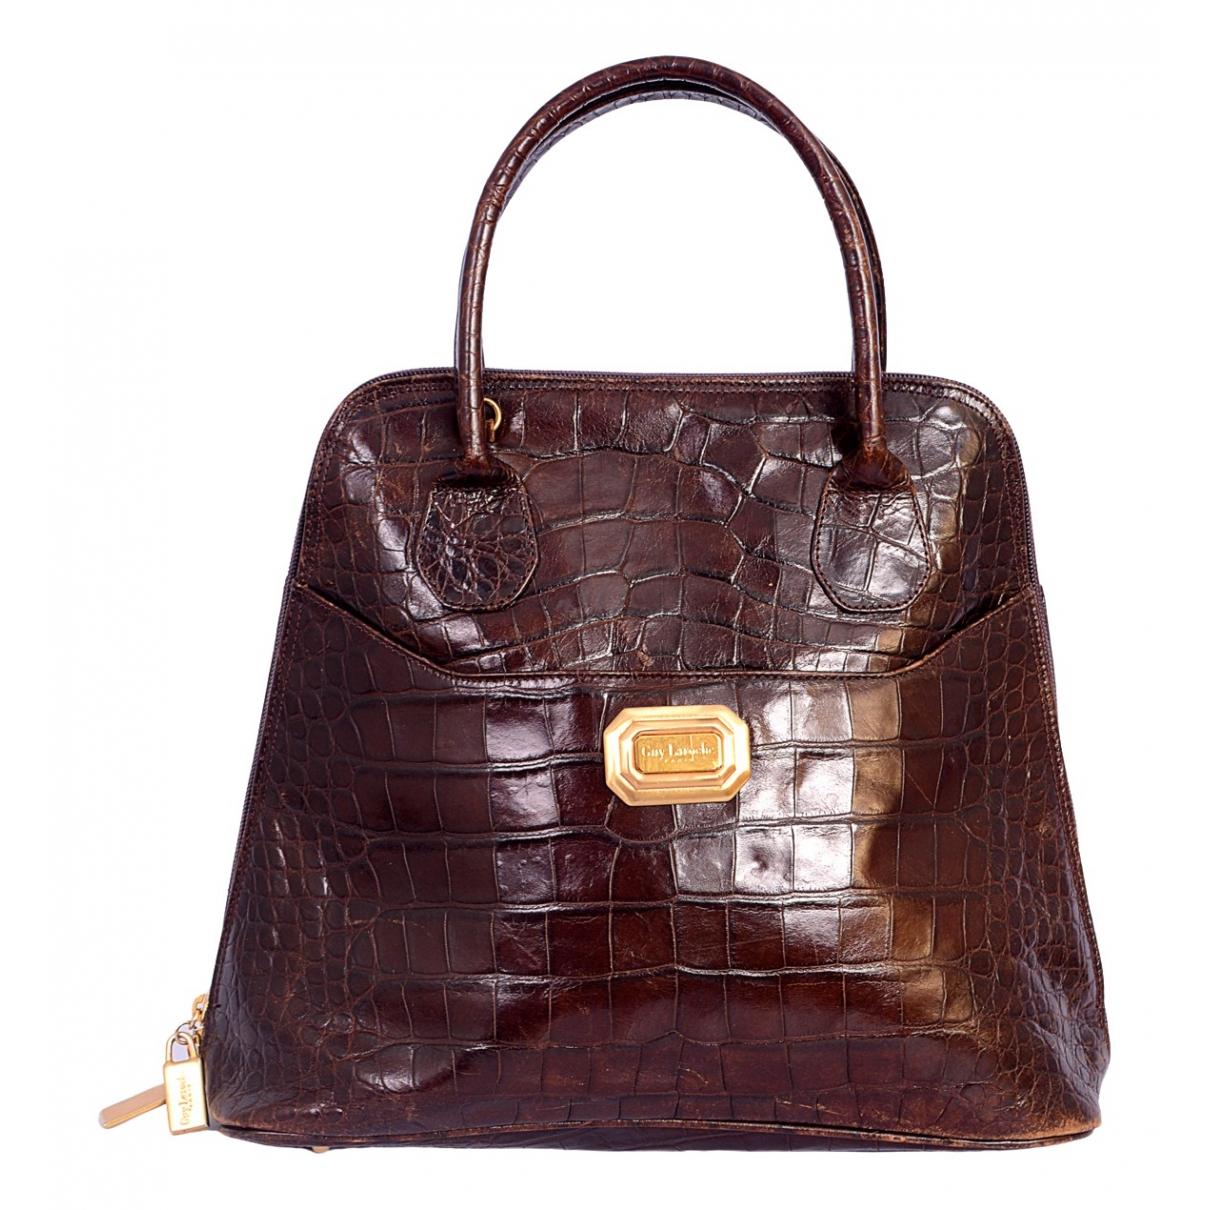 Guy Laroche \N Brown Leather handbag for Women \N